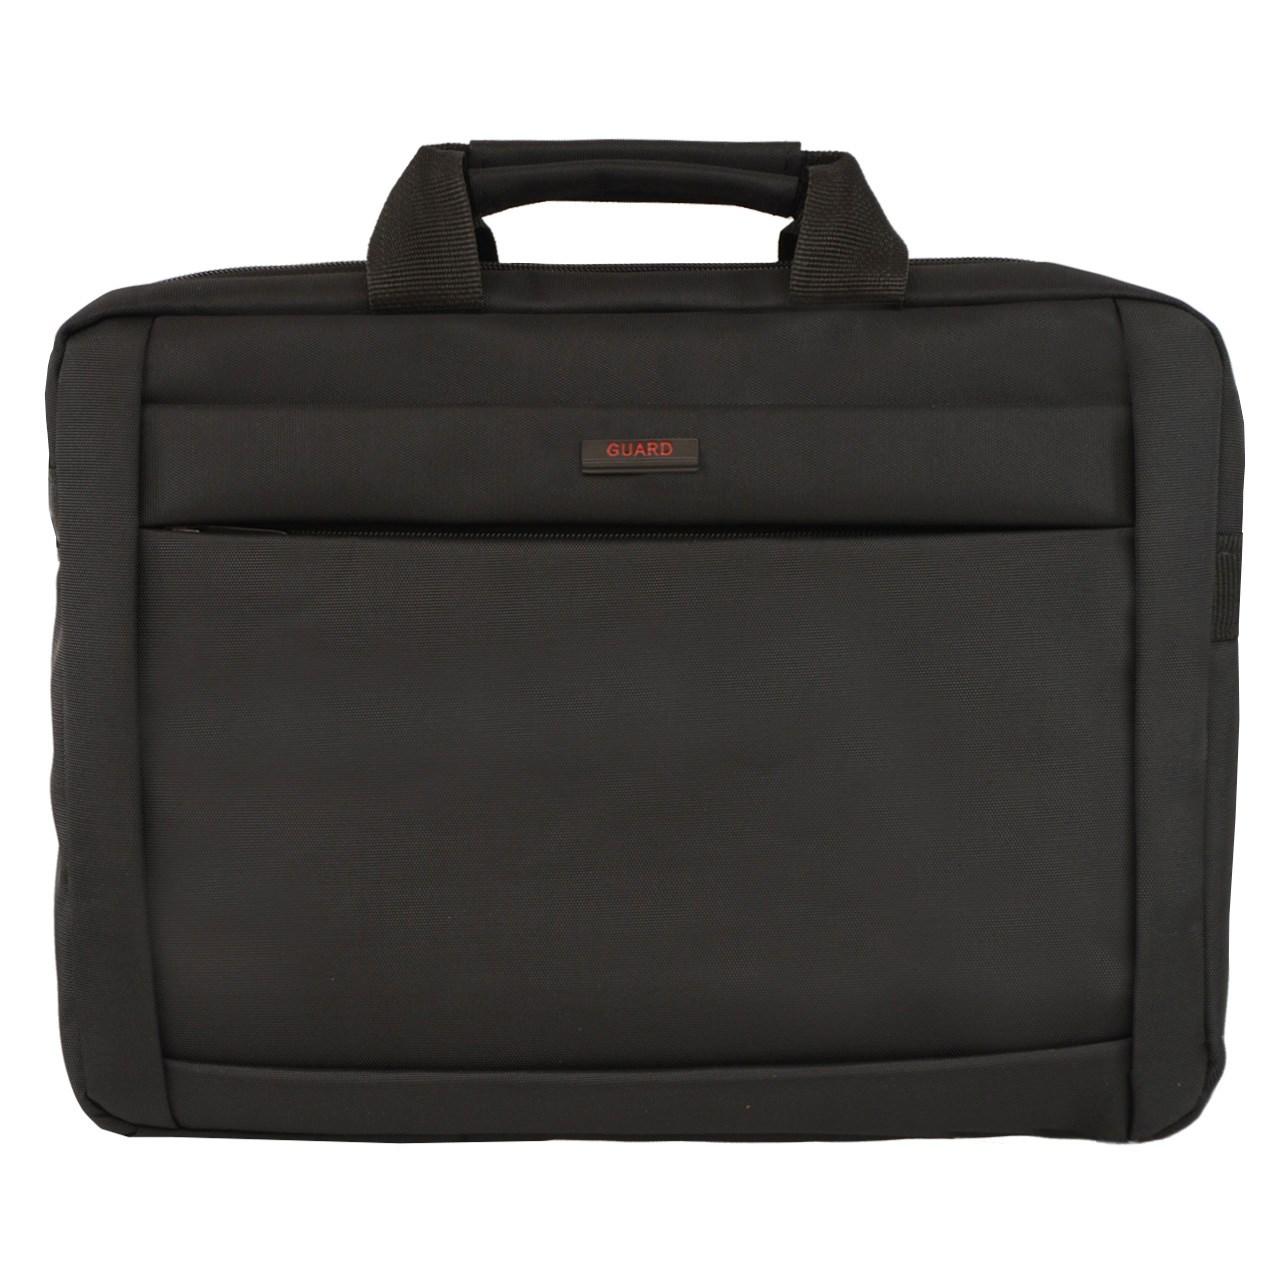 کیف لپ تاپ گارد مدل HP125 مناسب برای لپ تاپ 15.6 اینچی